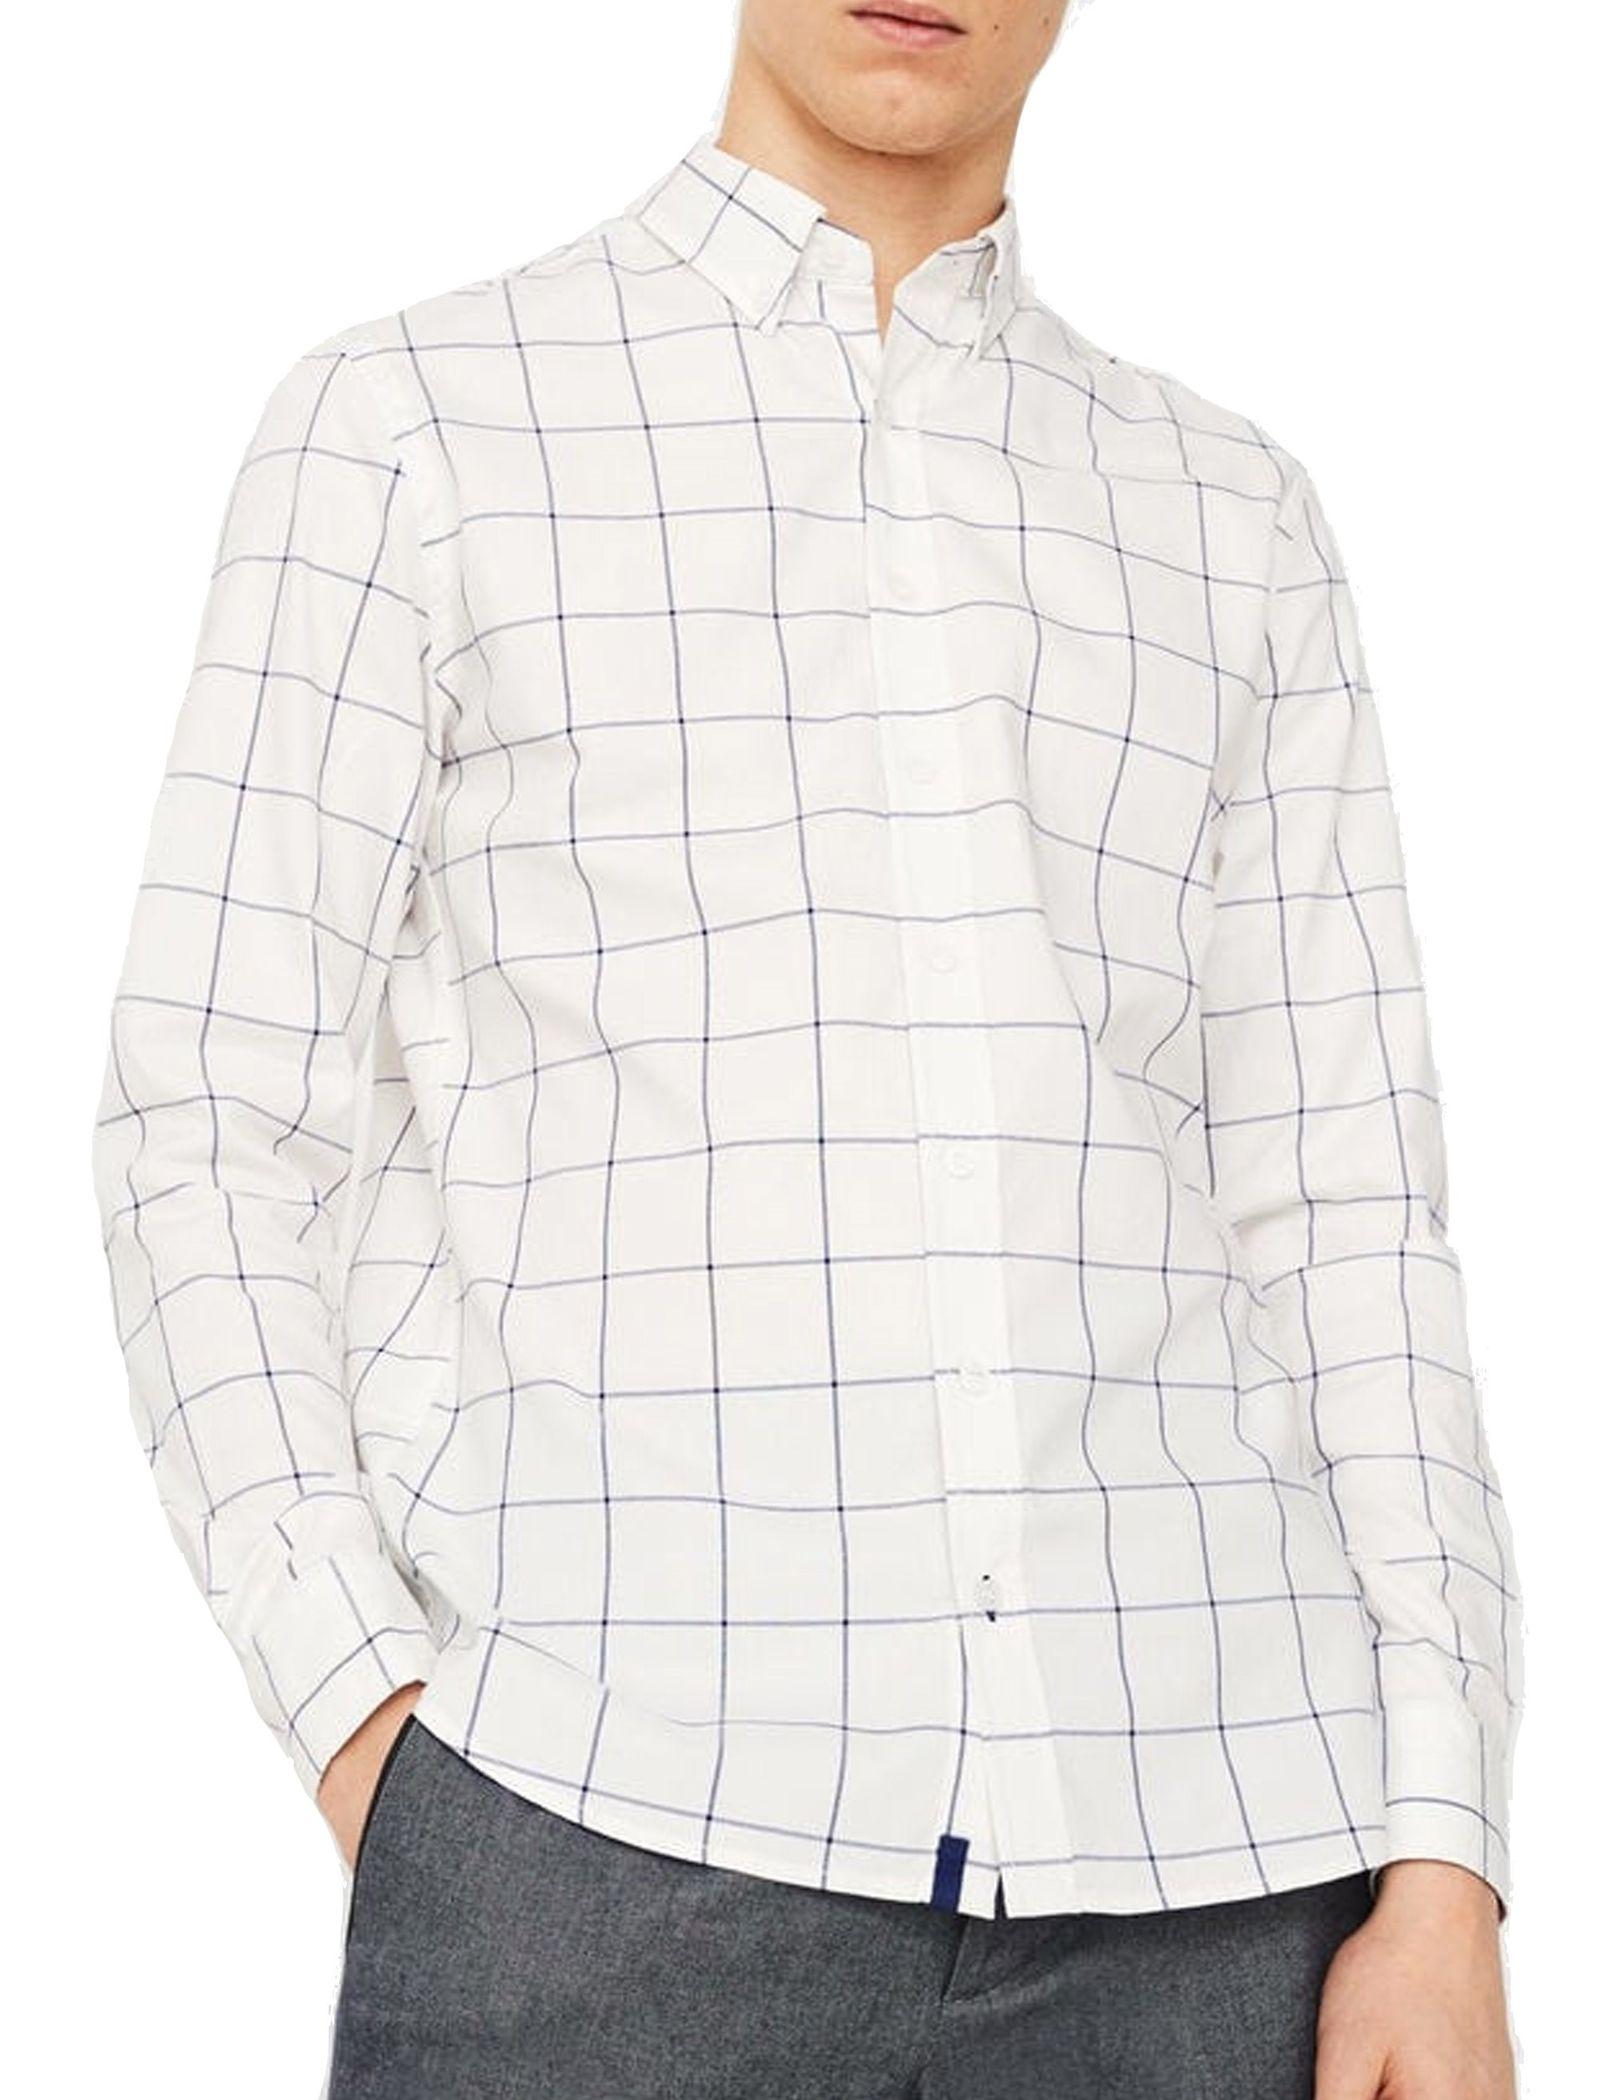 پیراهن نخی آستین بلند مردانه - مانگو - شيري - 1